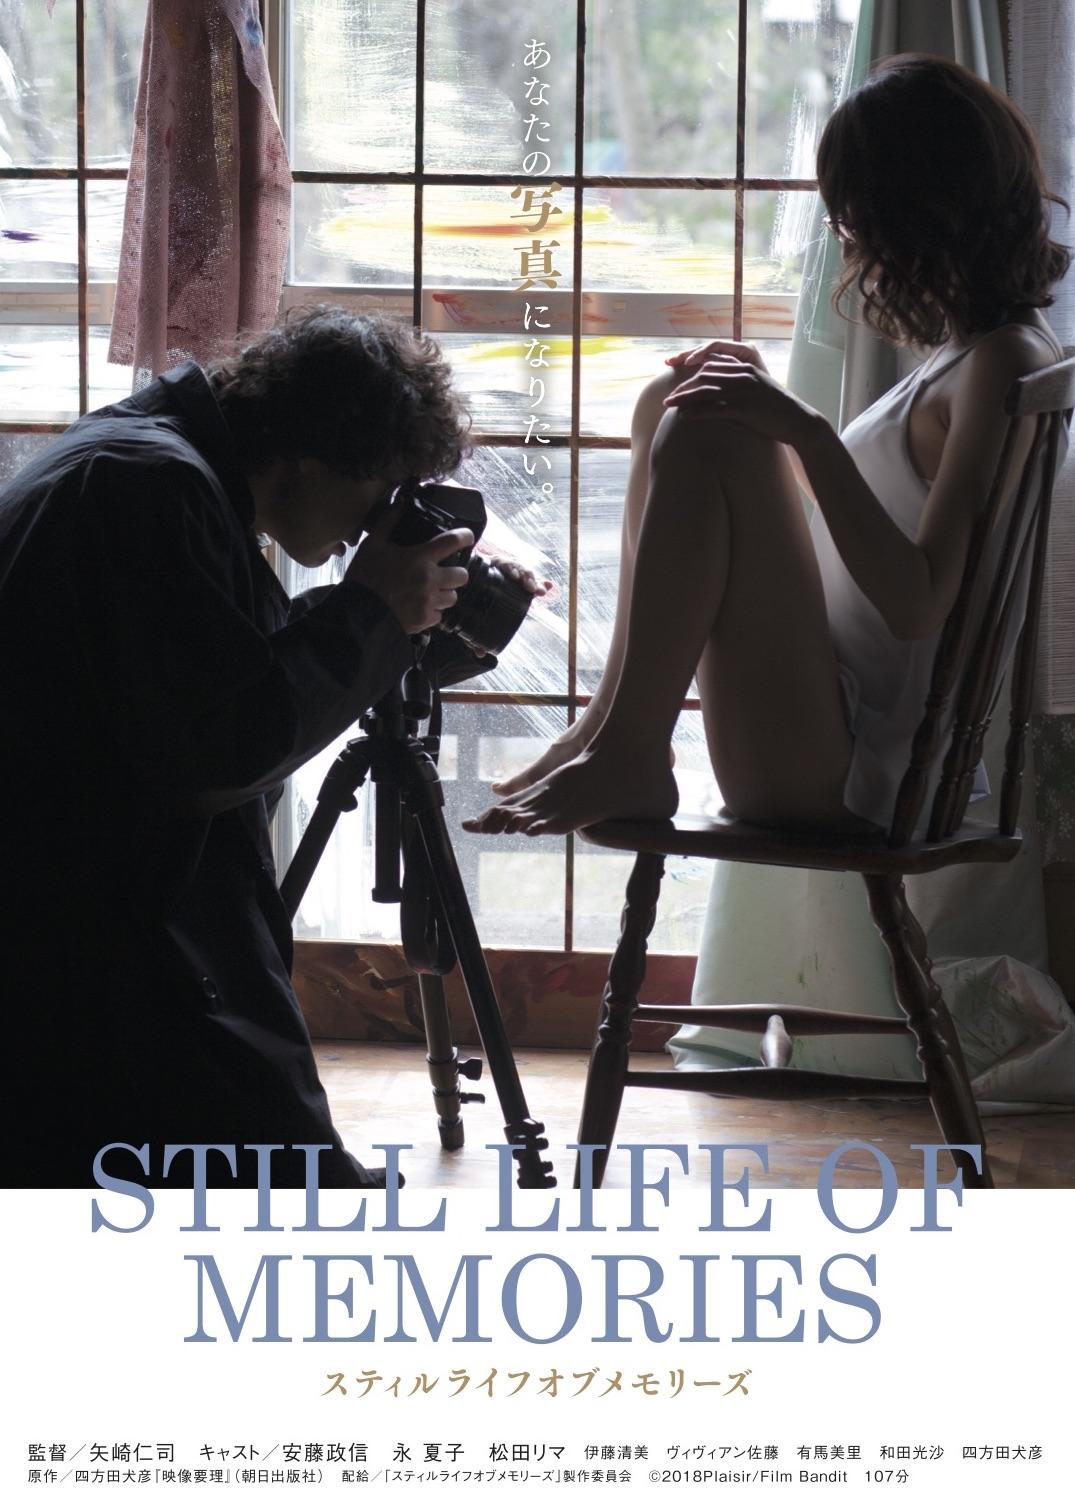 【画像】映画『STILL LIFE OF MEMORIES (スティルライフオブメモリーズ)』ポスタービジュアル